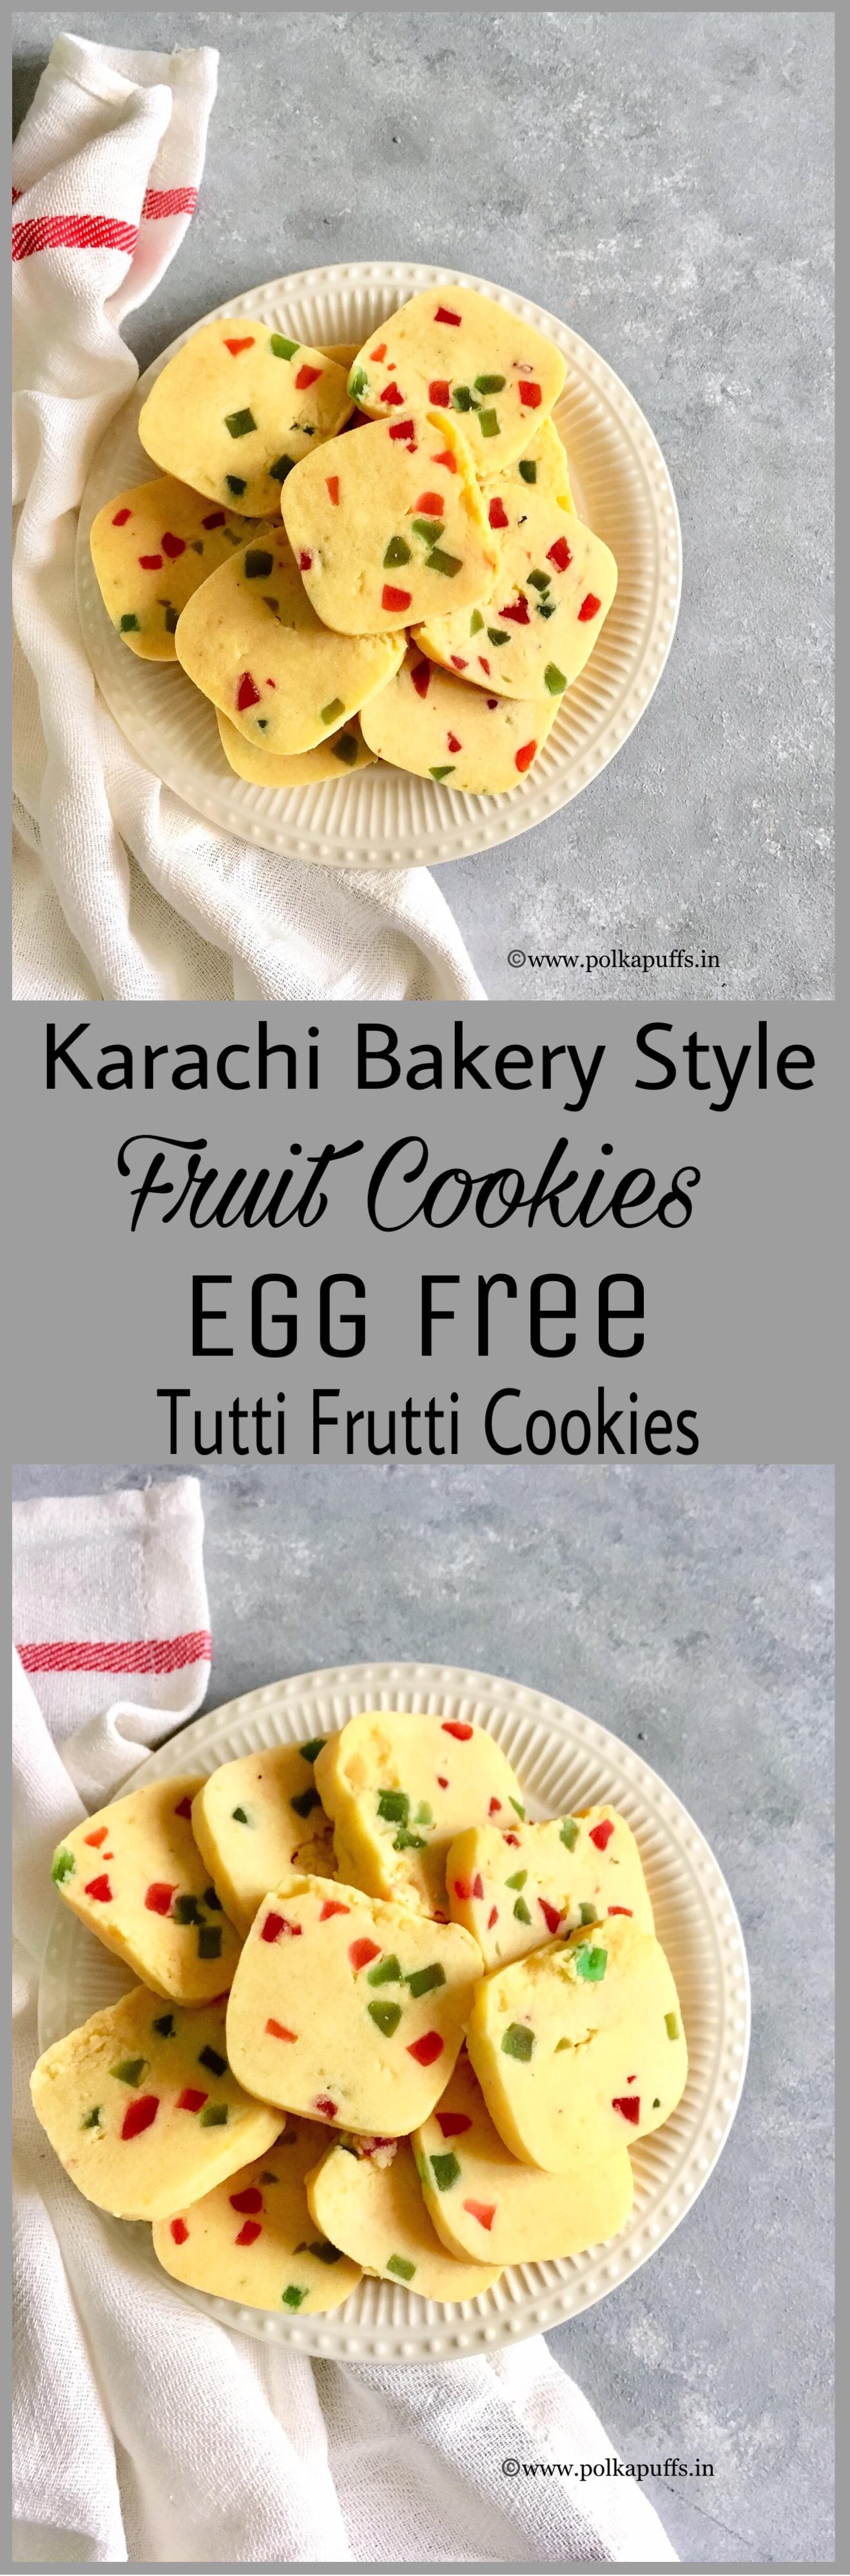 karachi biscuits pinterest.jpg